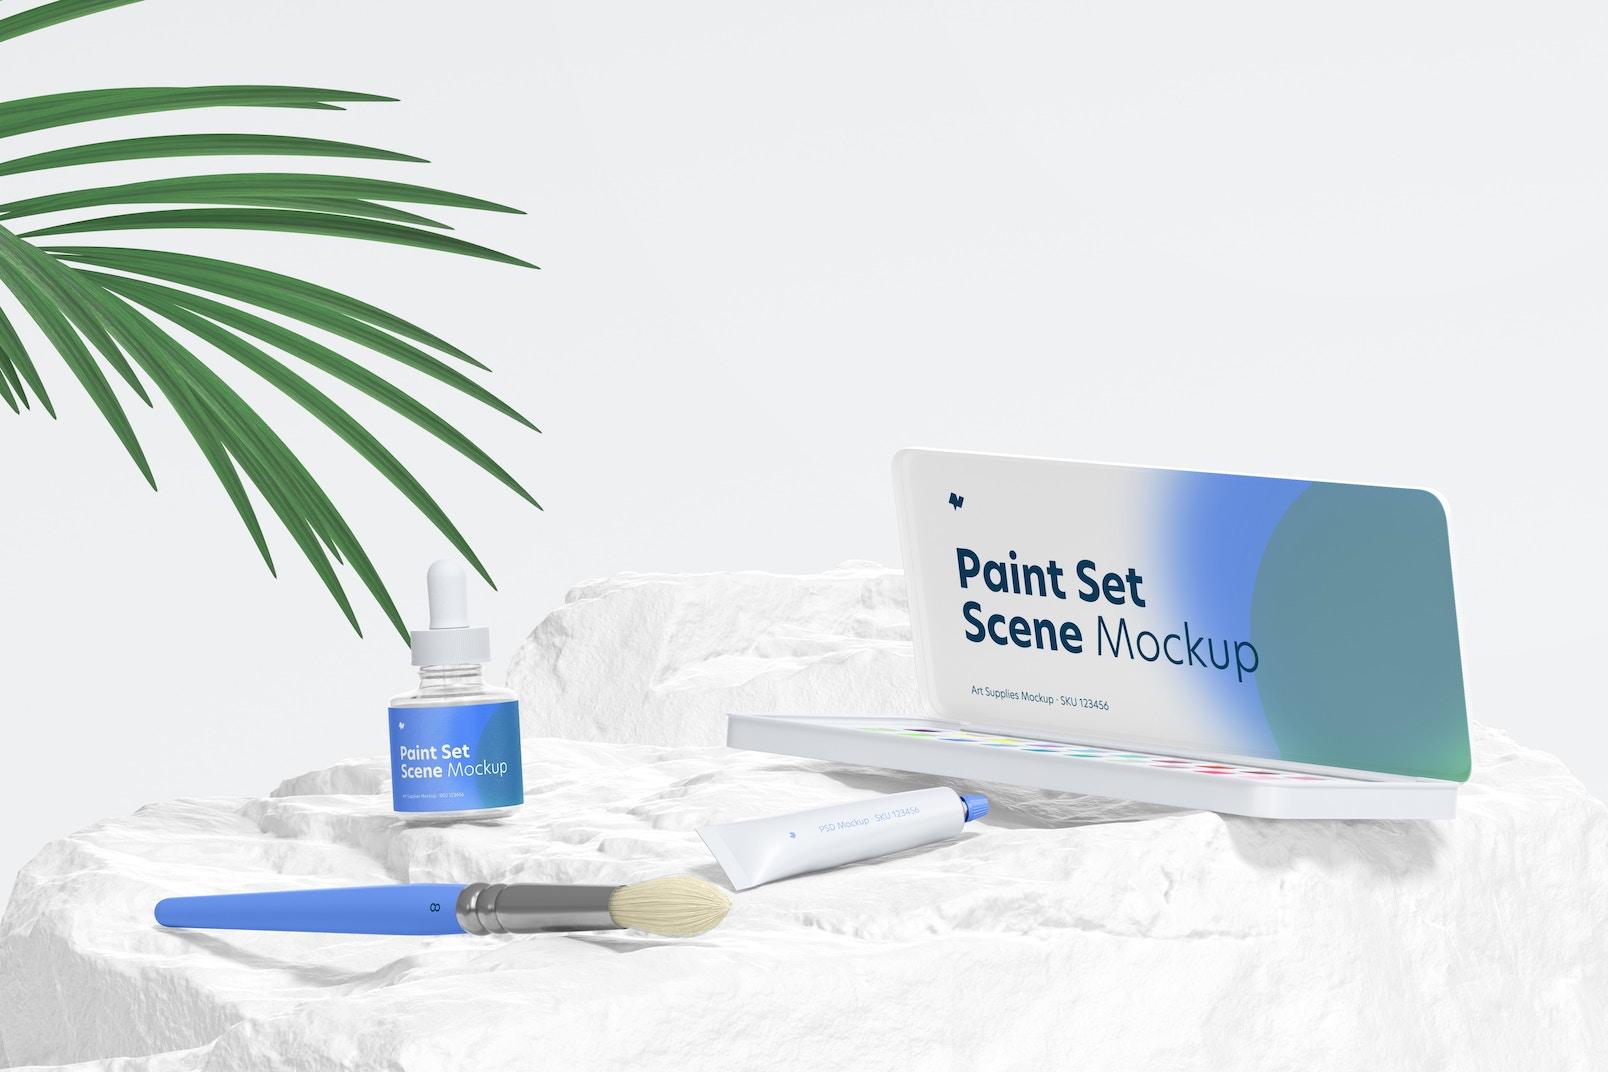 Paint Set Scene Mockup 02